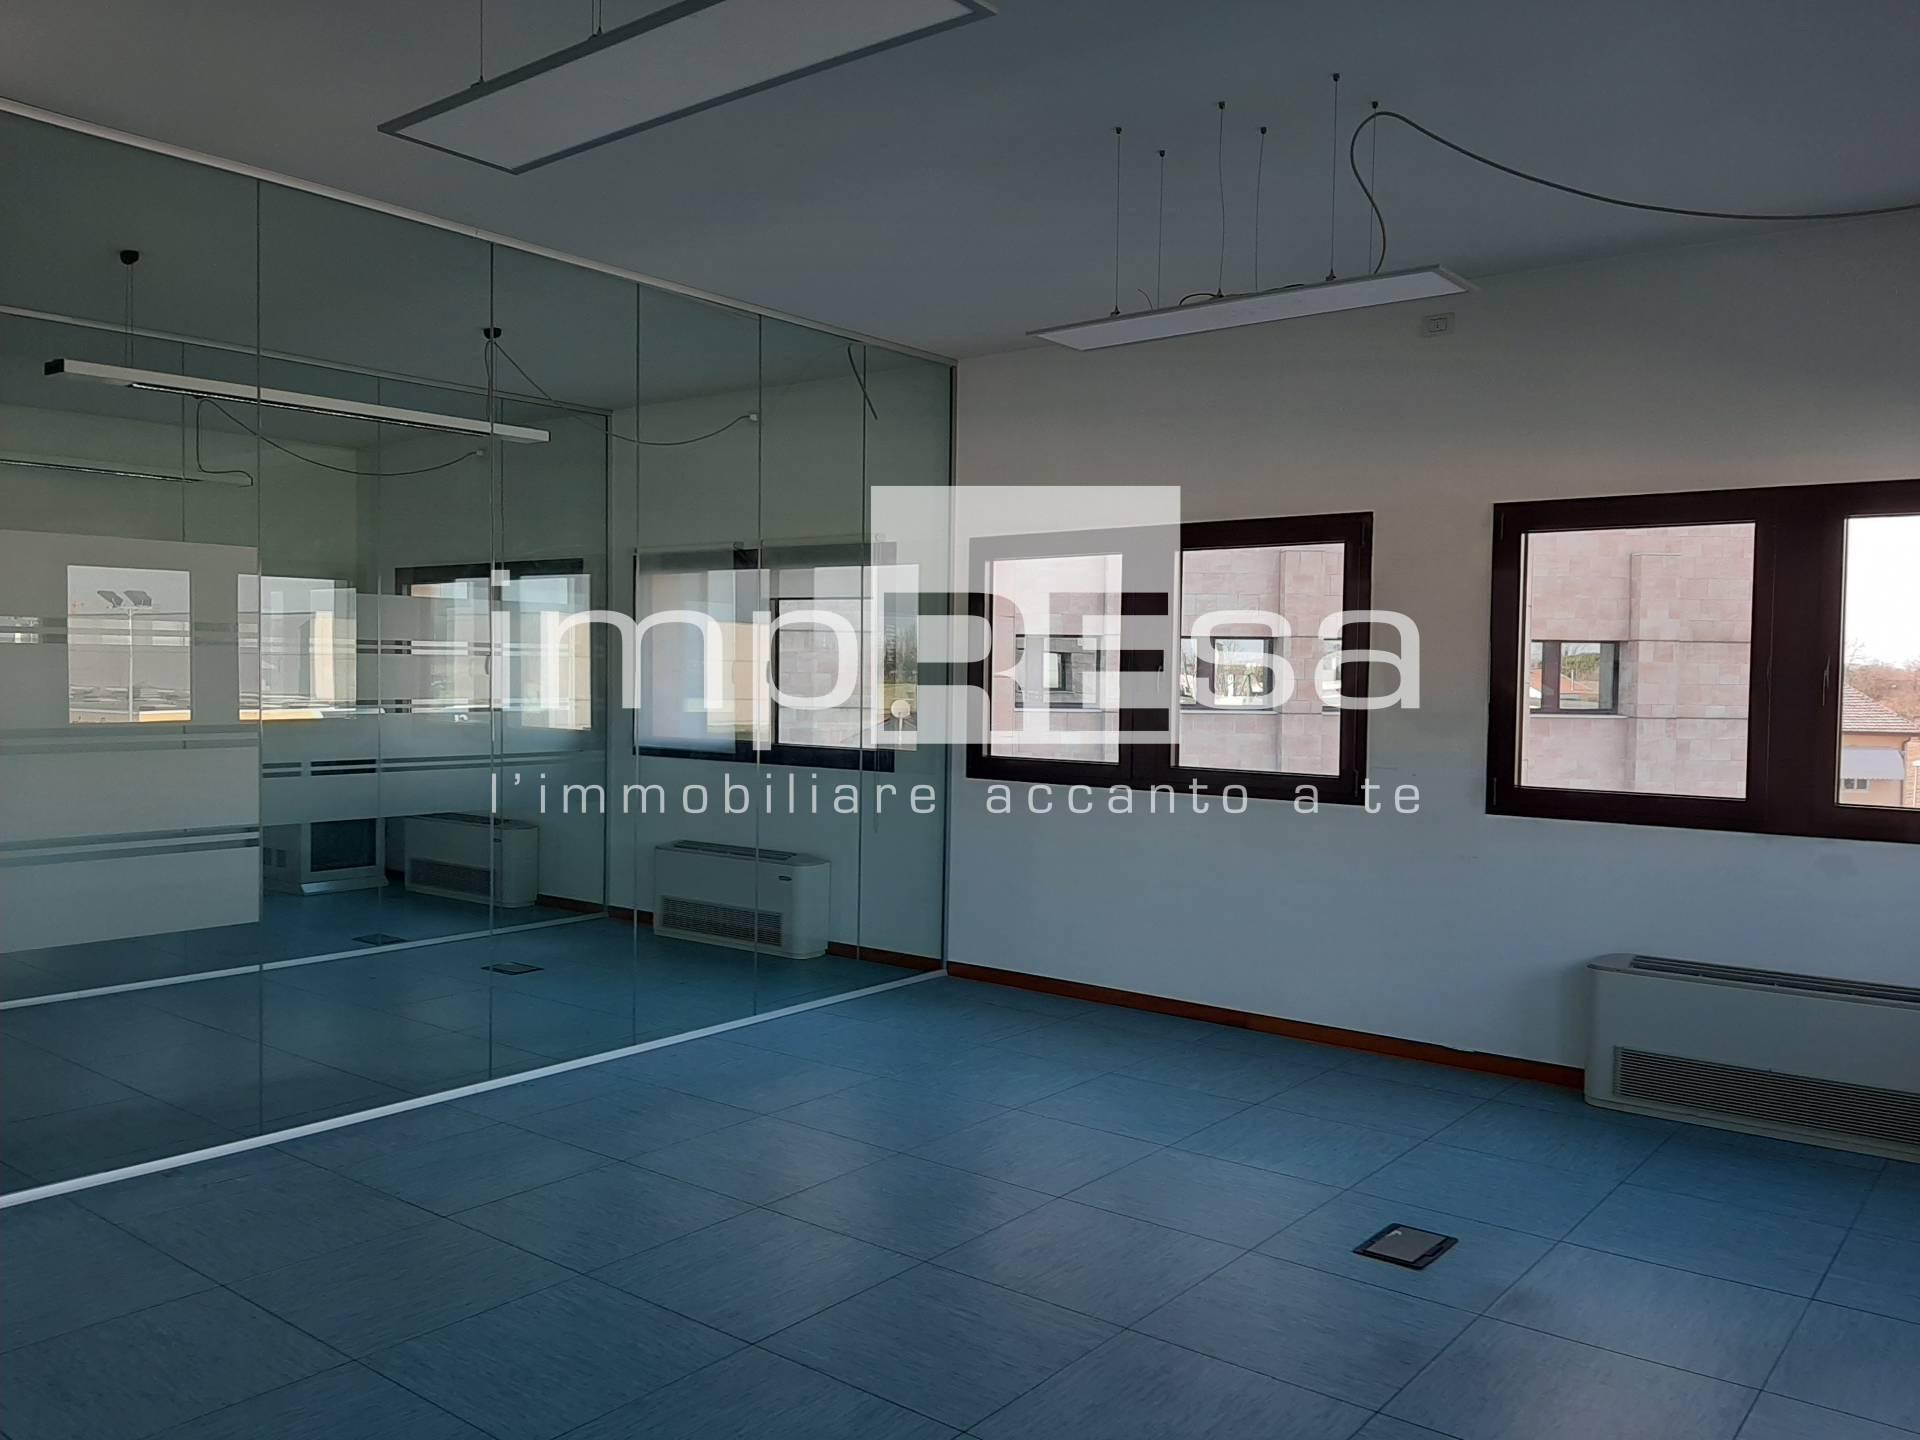 Ufficio / Studio in affitto a Treviso, 9999 locali, zona Zona: Castellana, prezzo € 1.000 | CambioCasa.it